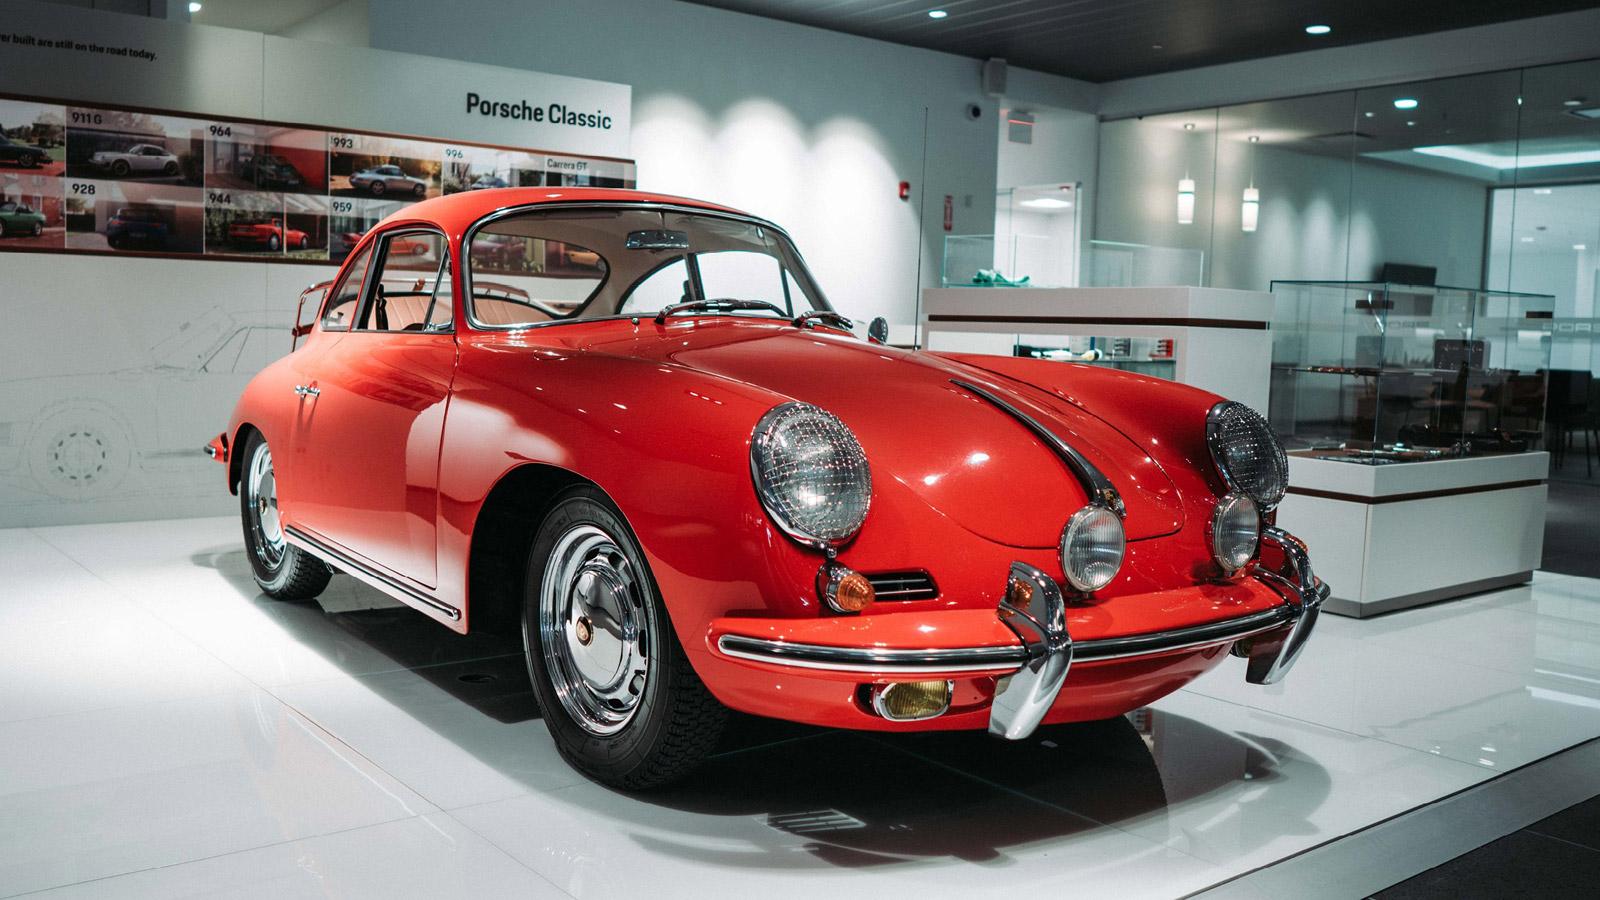 Porsche - Порше Нейплтон Вестмонт